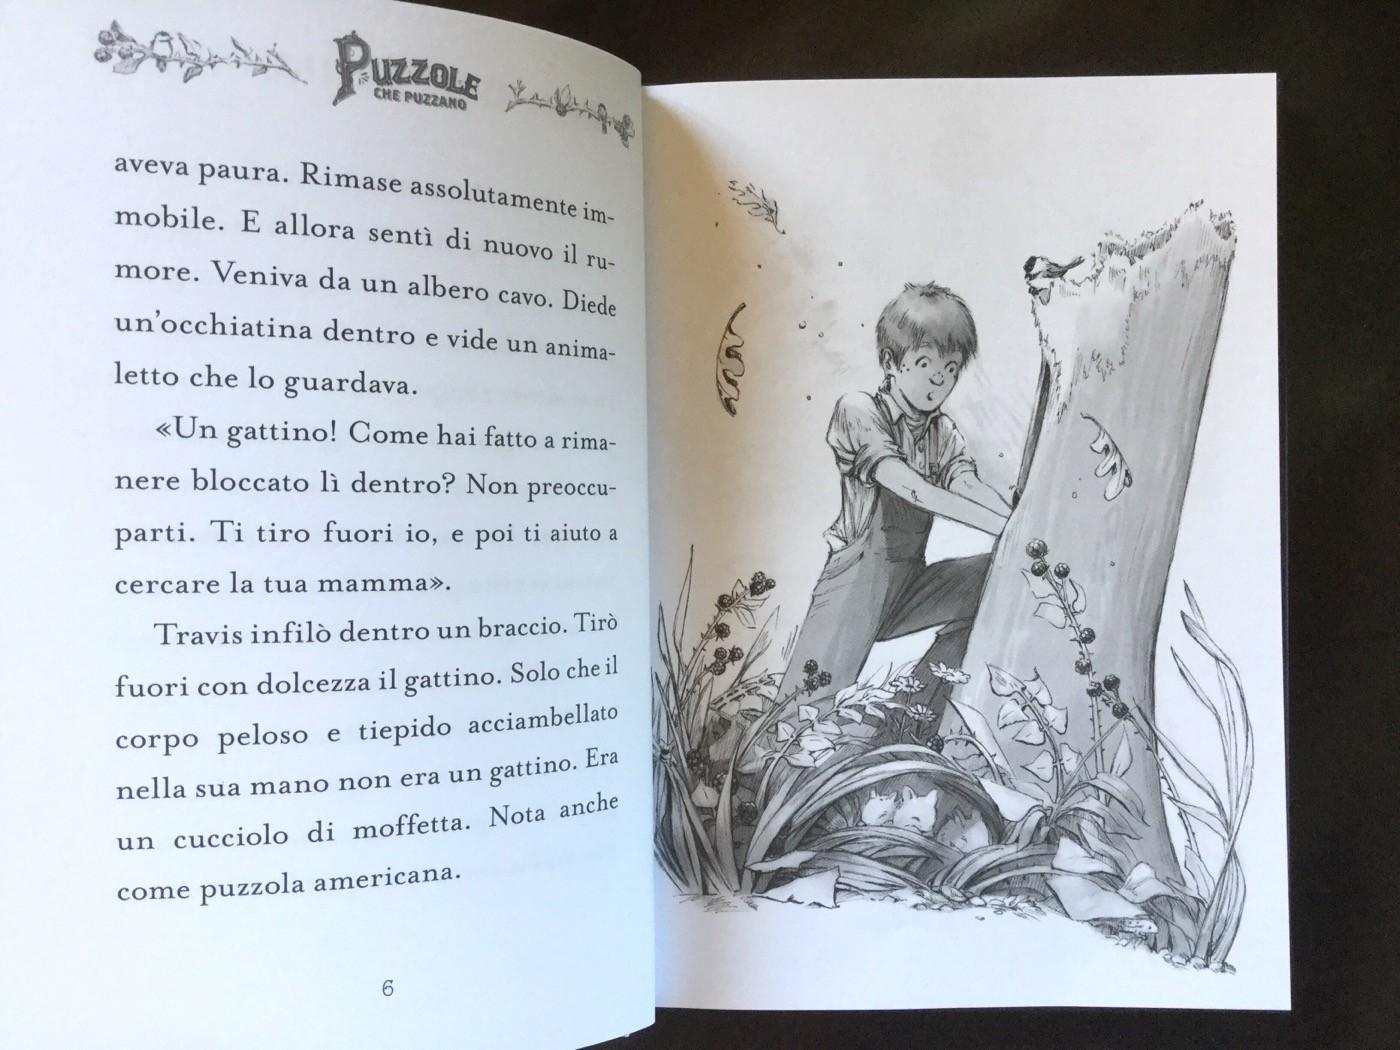 Puzzole-che-puzzano-calpurnia-jacqueline-kelly-nord-sud-edizioni-galline-volanti